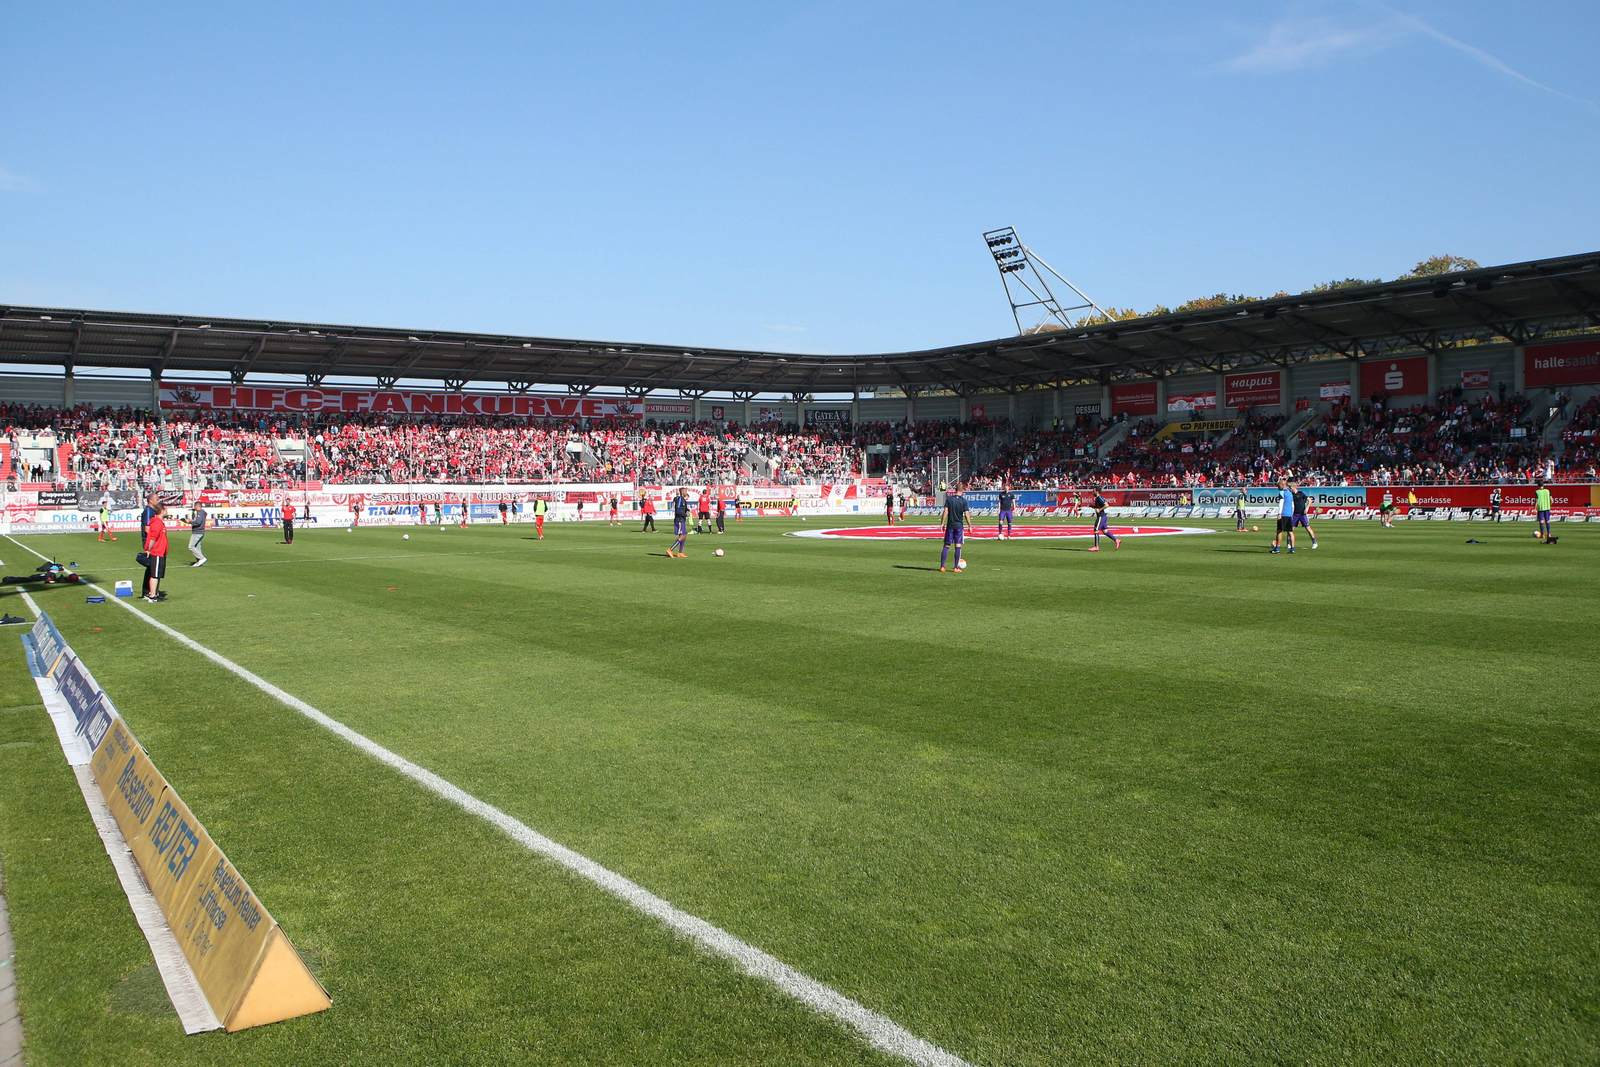 Halles Stadion sorgt für höhere Belastung